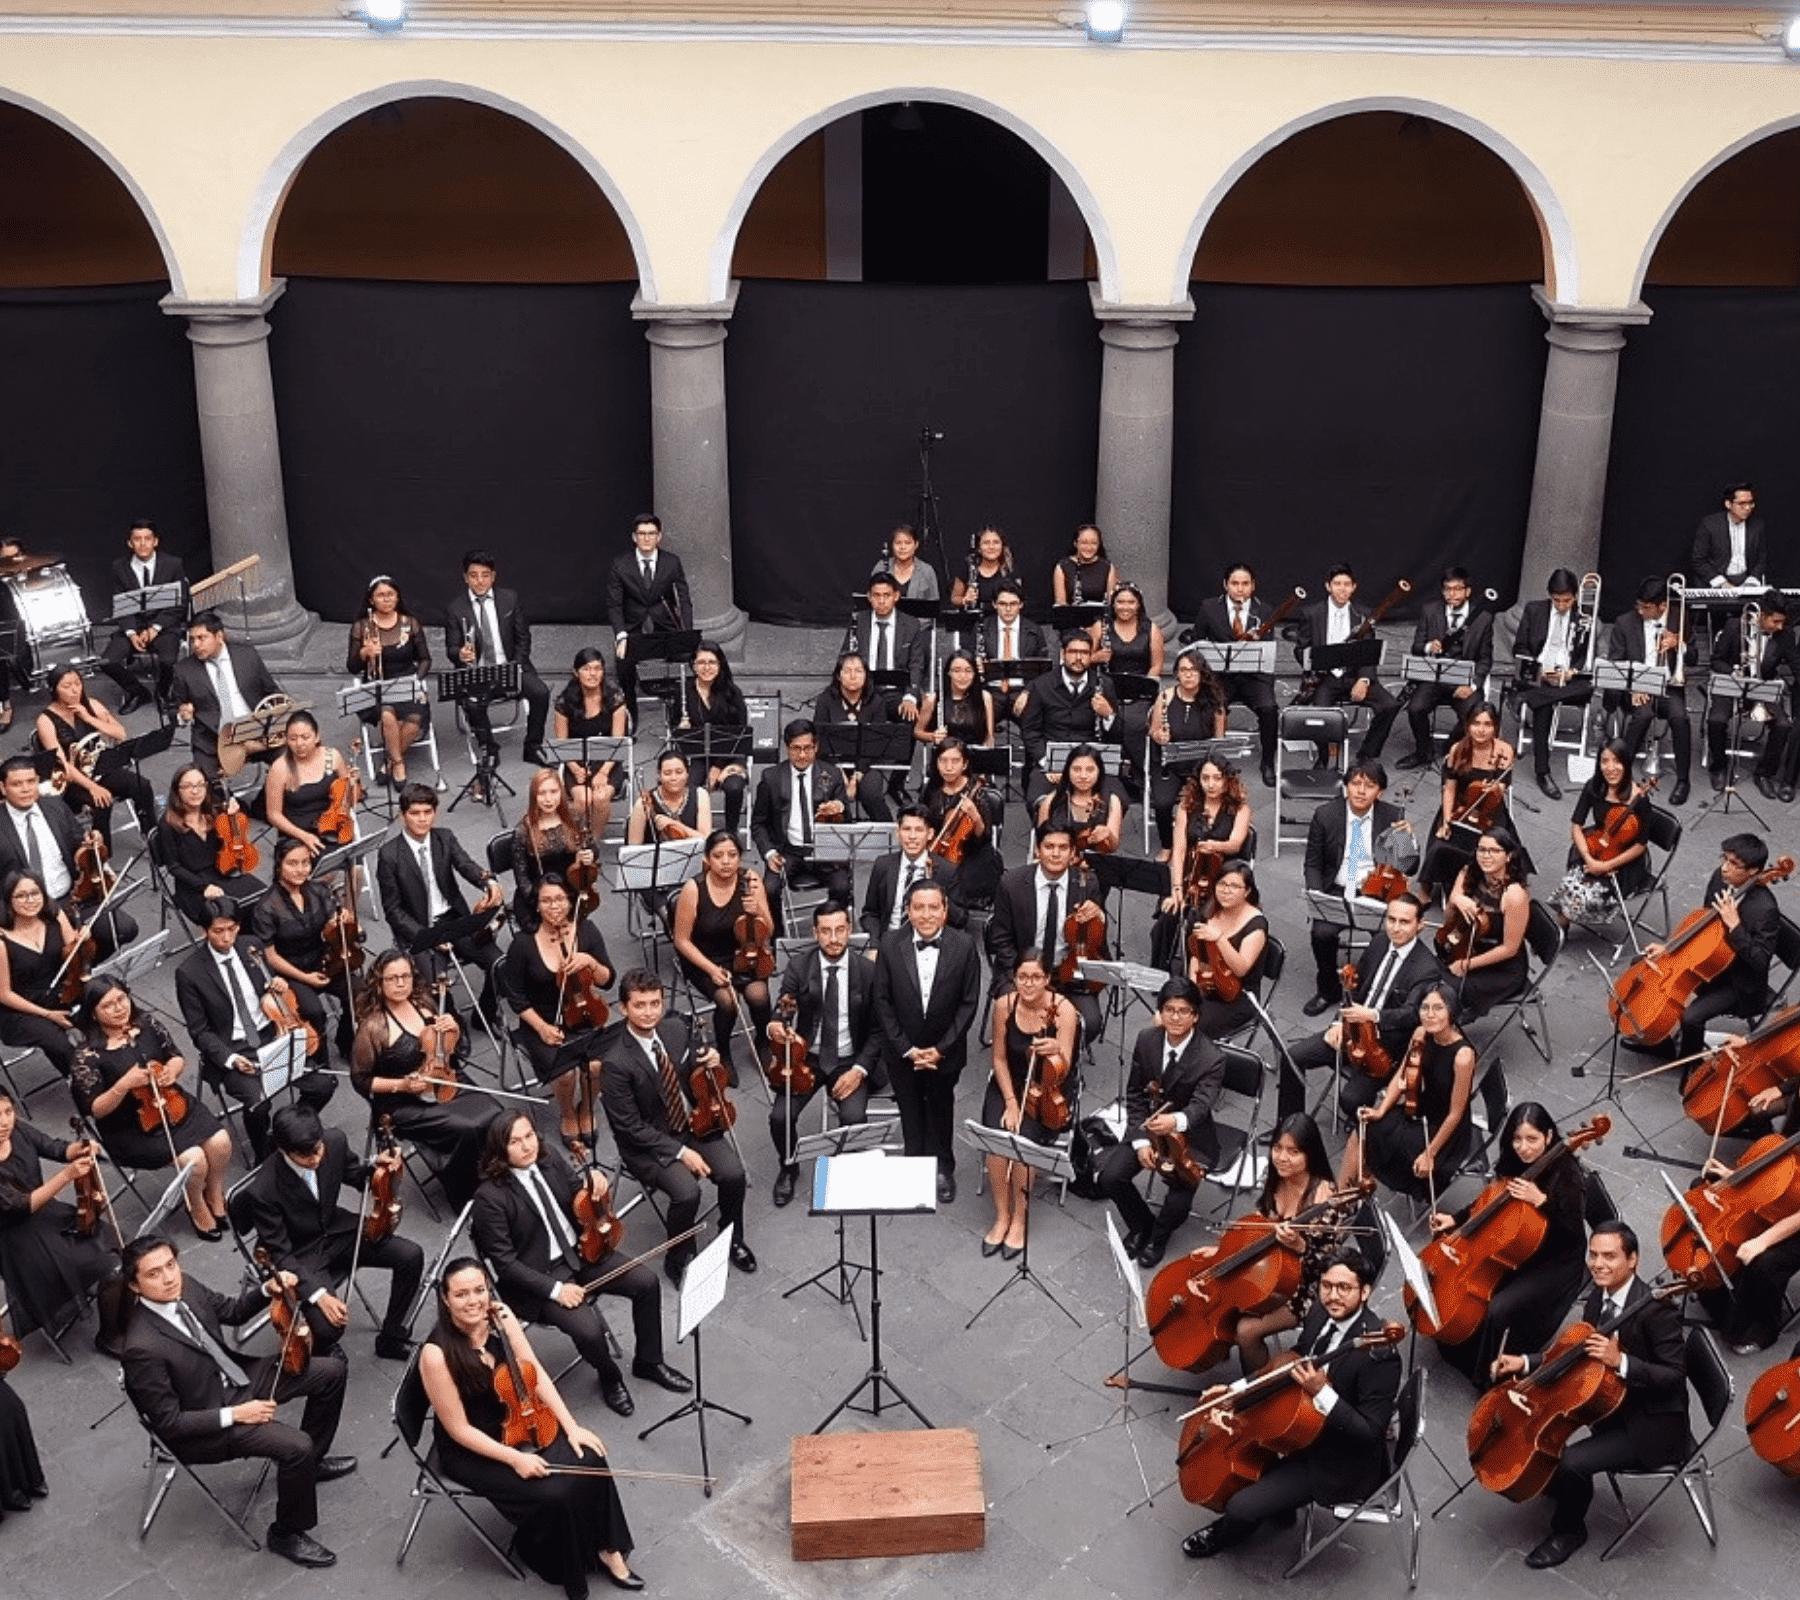 Orquesta filarmonica de puebla